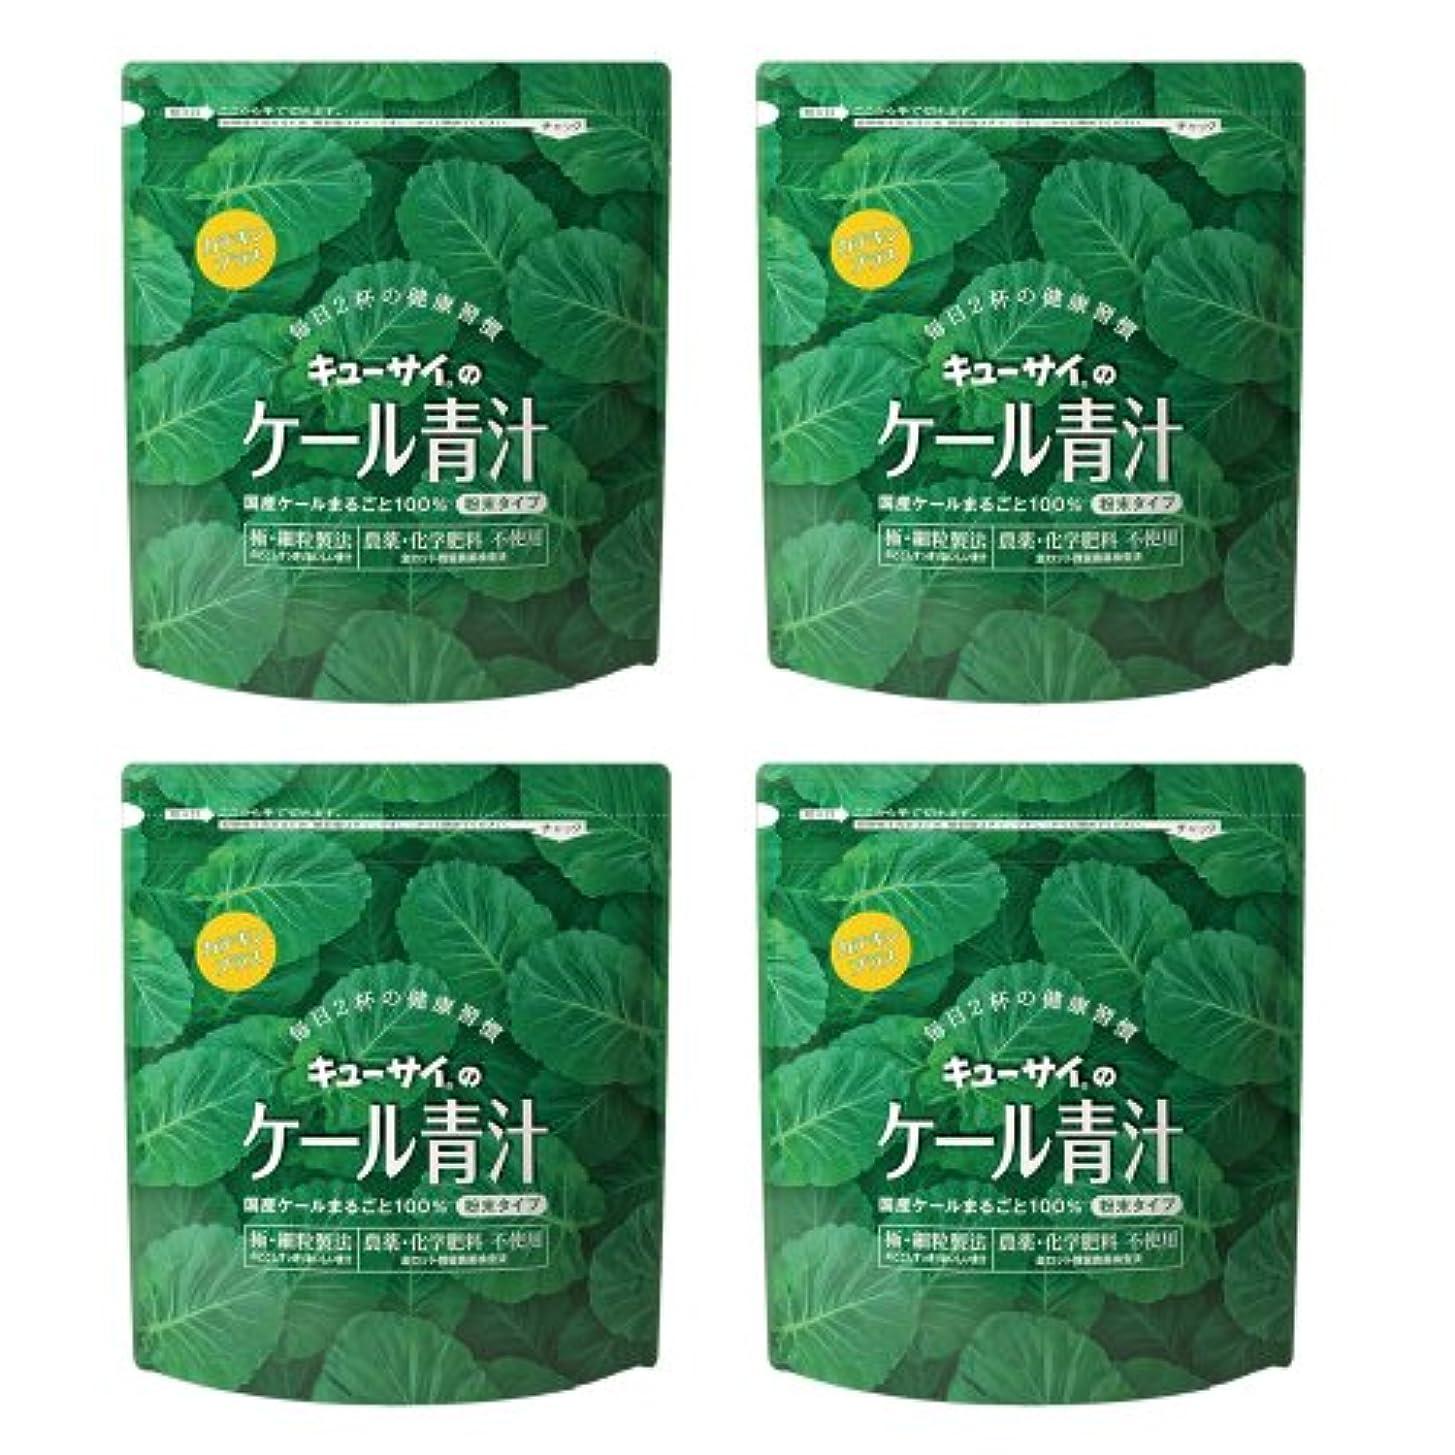 キノコ航海の卑しいキューサイ青汁カテキンプラス420g(粉末タイプ)4袋まとめ買い【1袋420g(約1カ月分)】